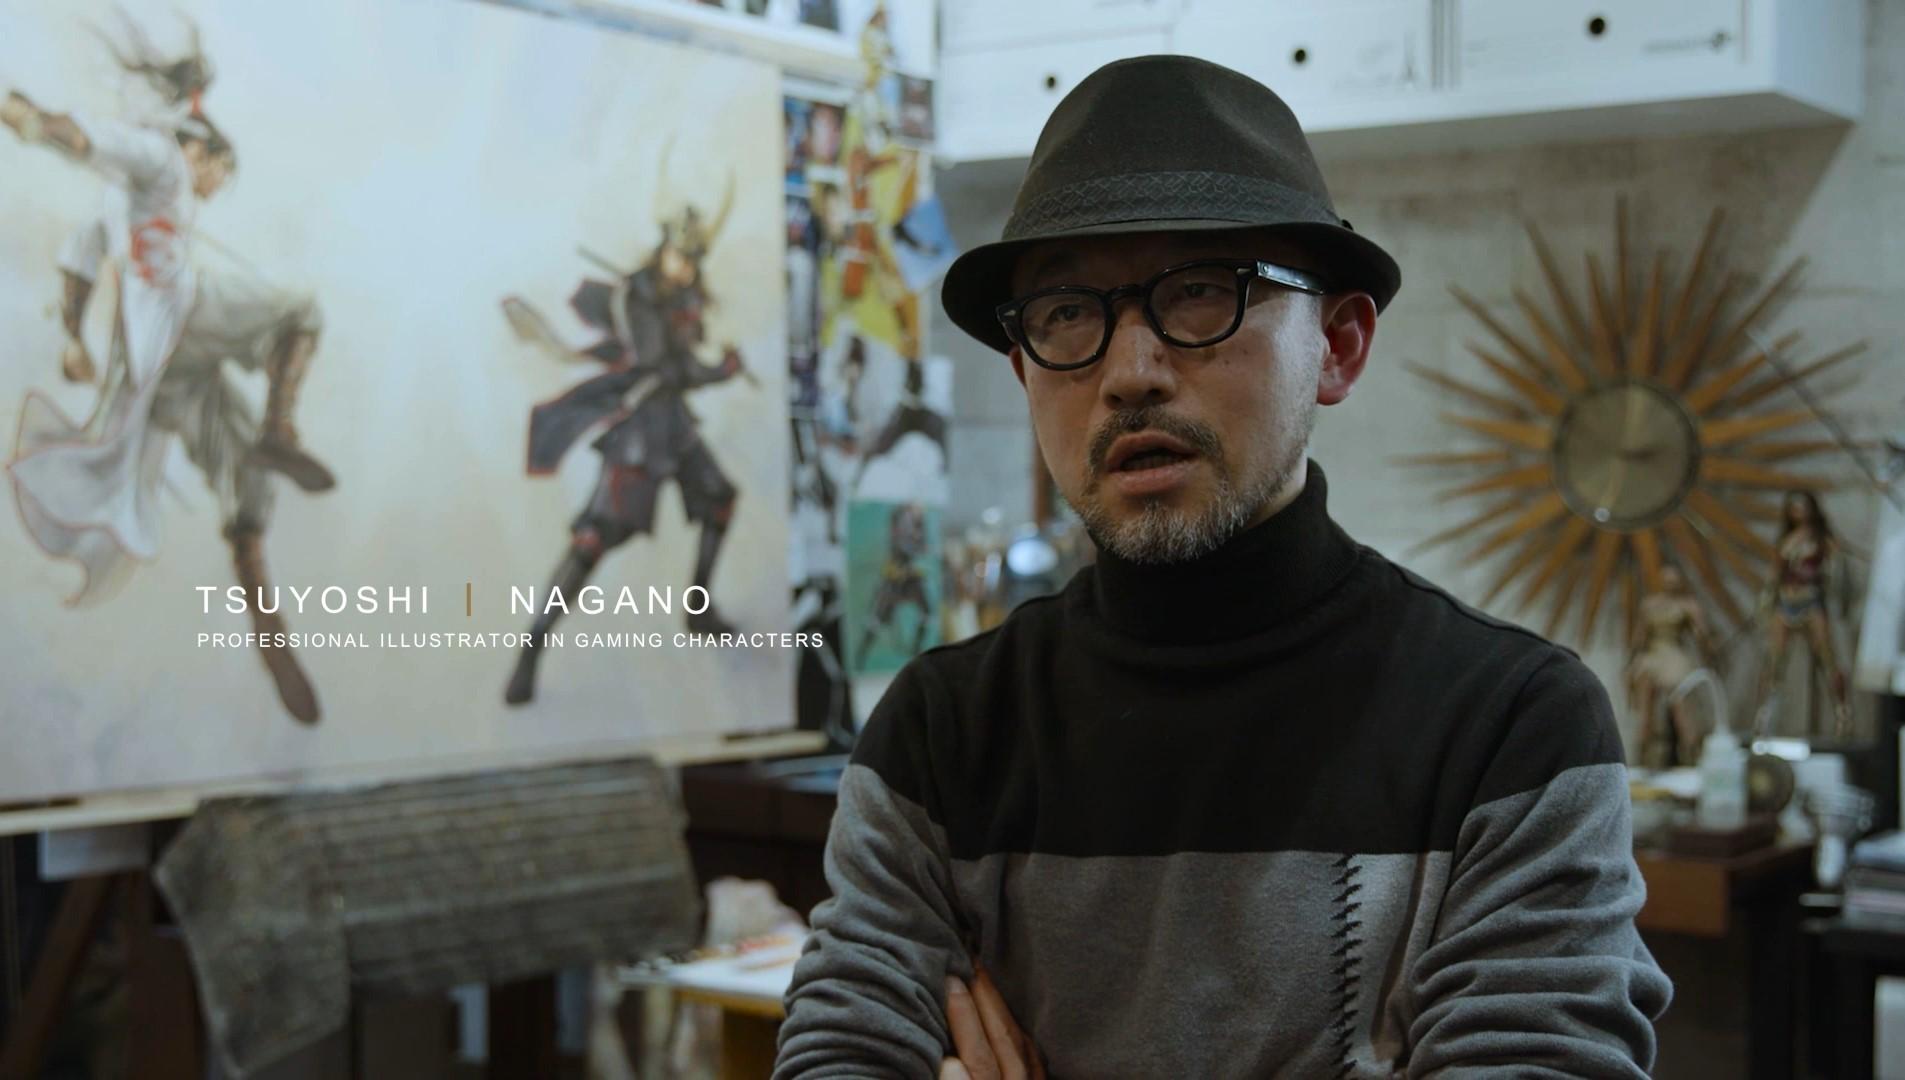 tsuyoshinagano.jpg